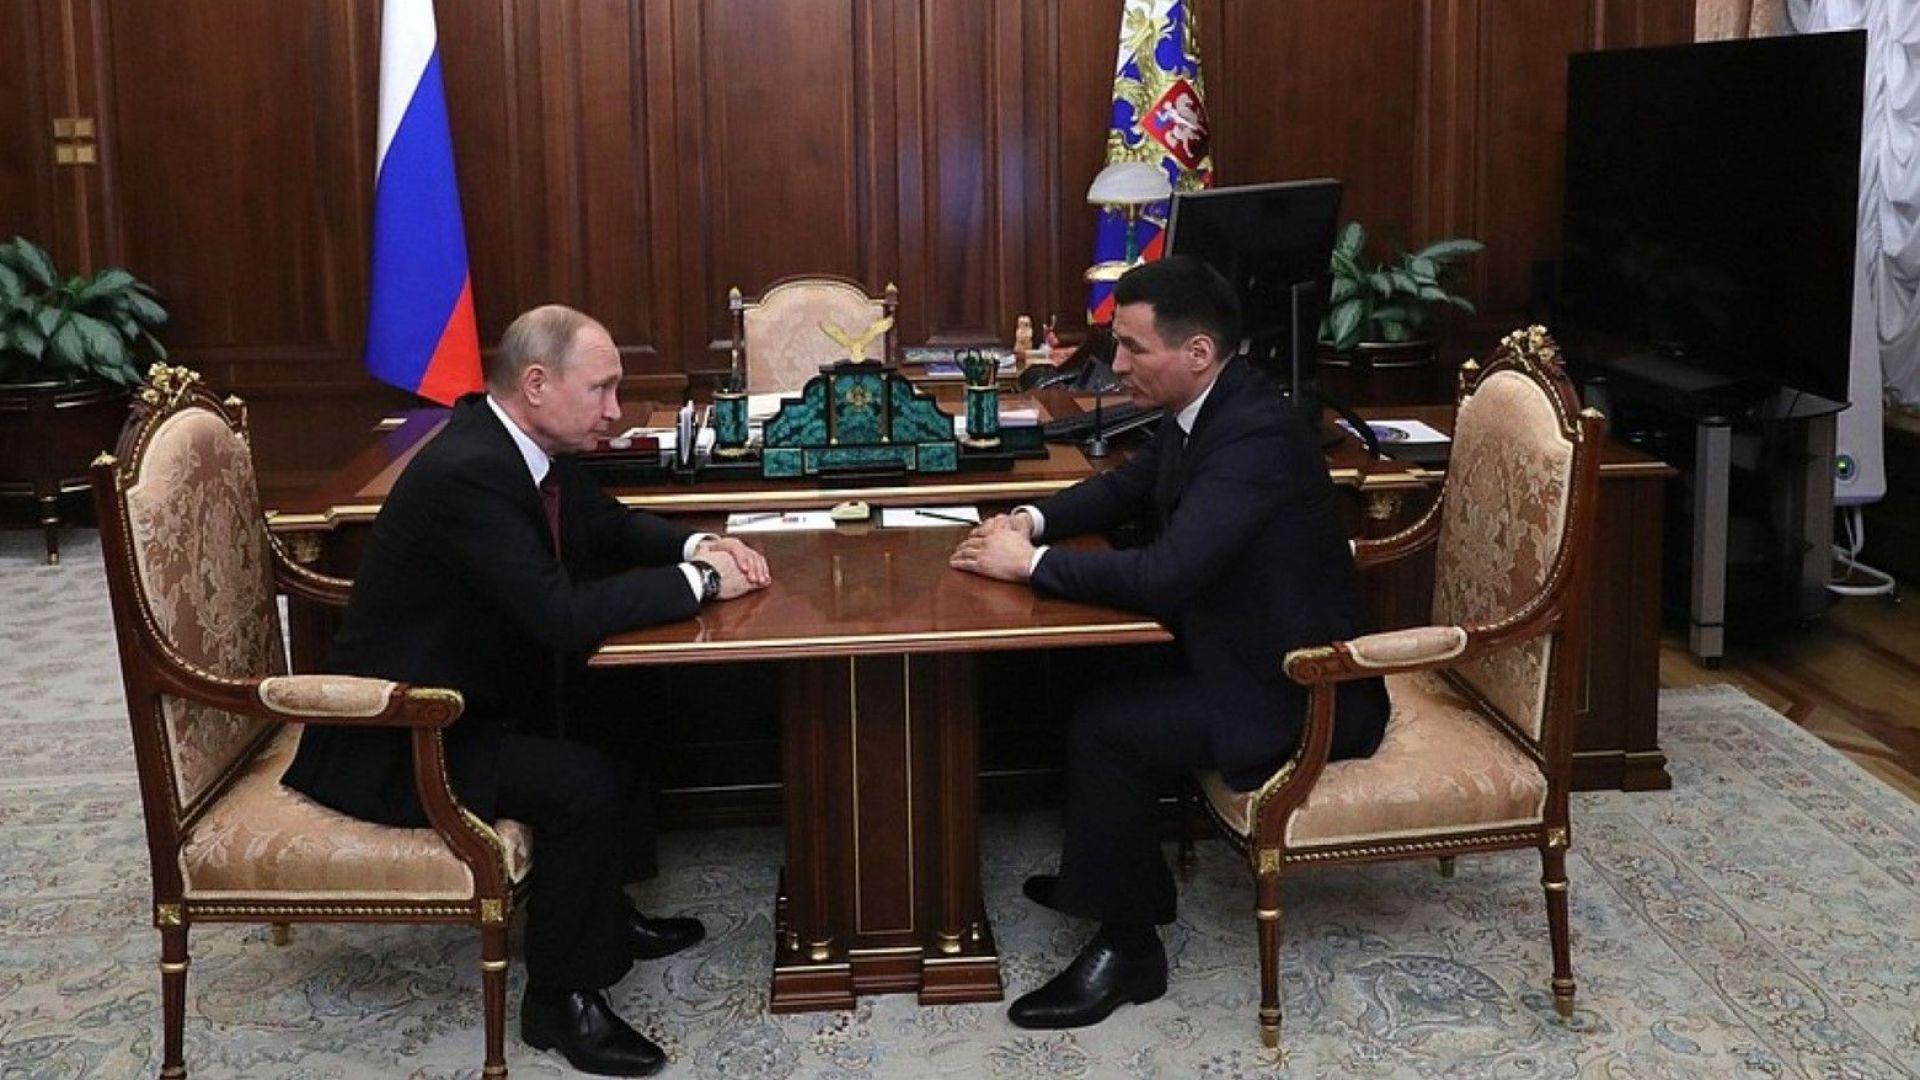 Путин назначи бивш кикбоксьор за губернатор на Калмикия